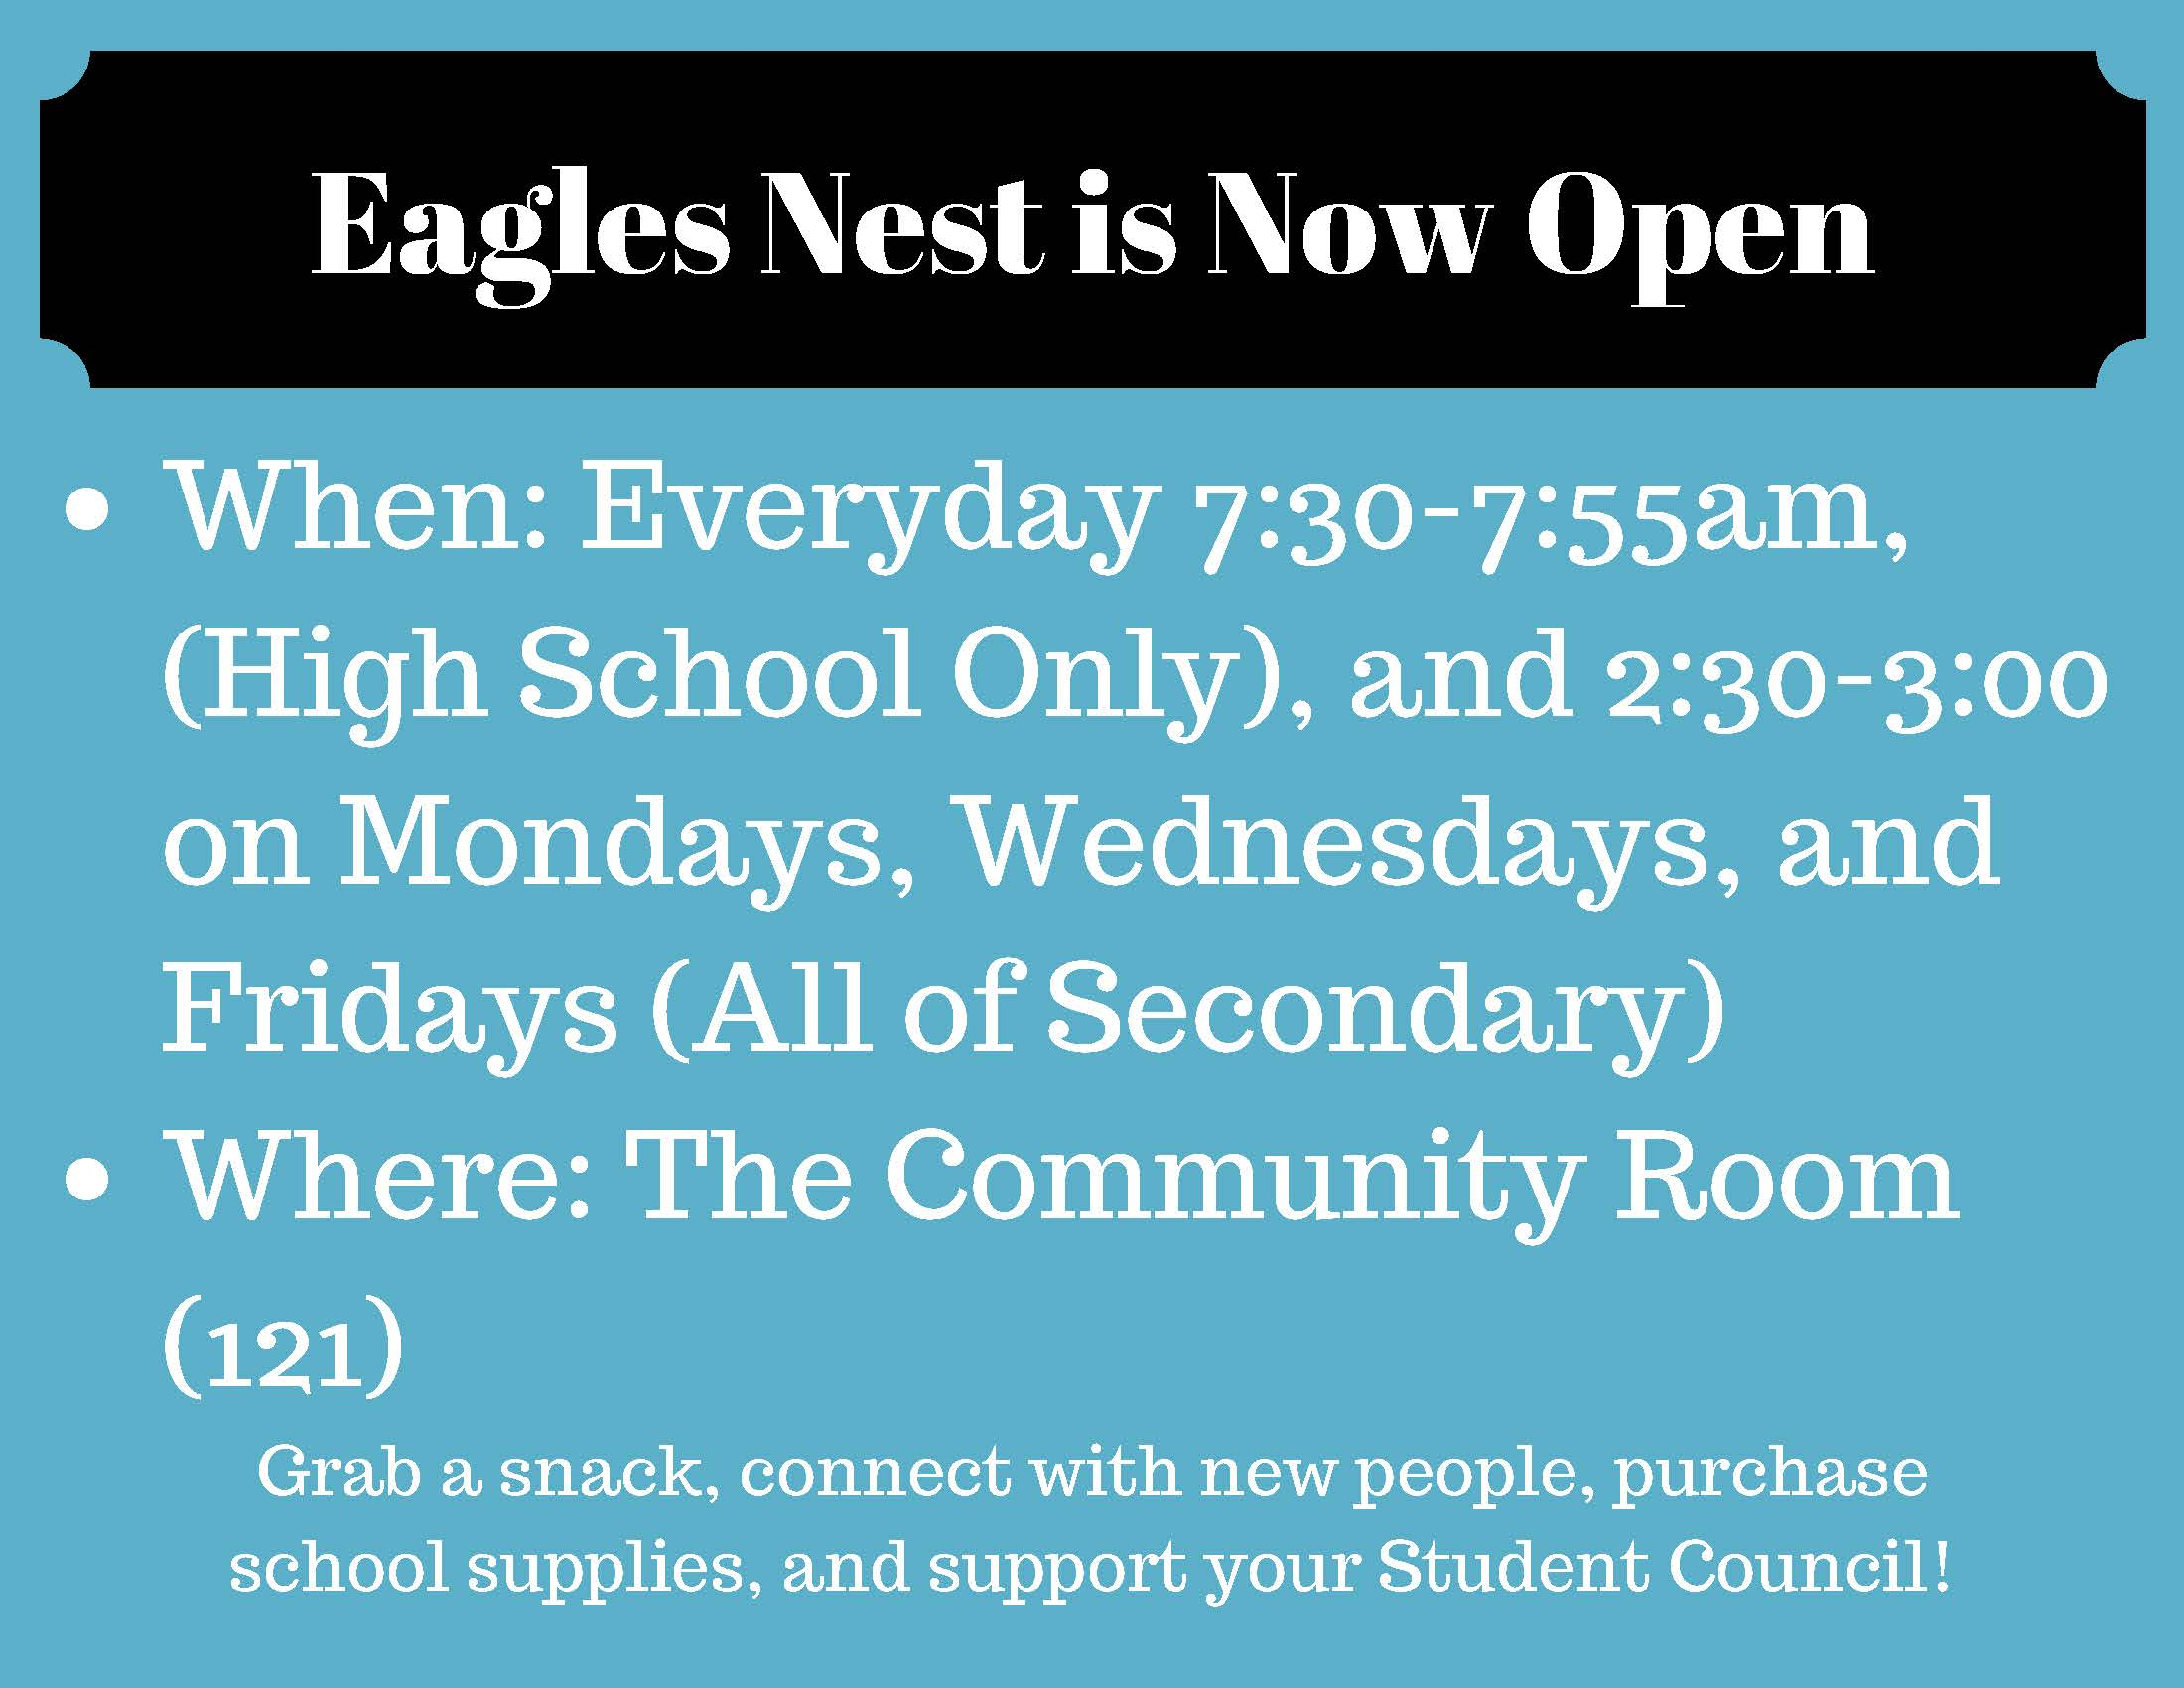 Eagles-Nest-Open-Now.jpg